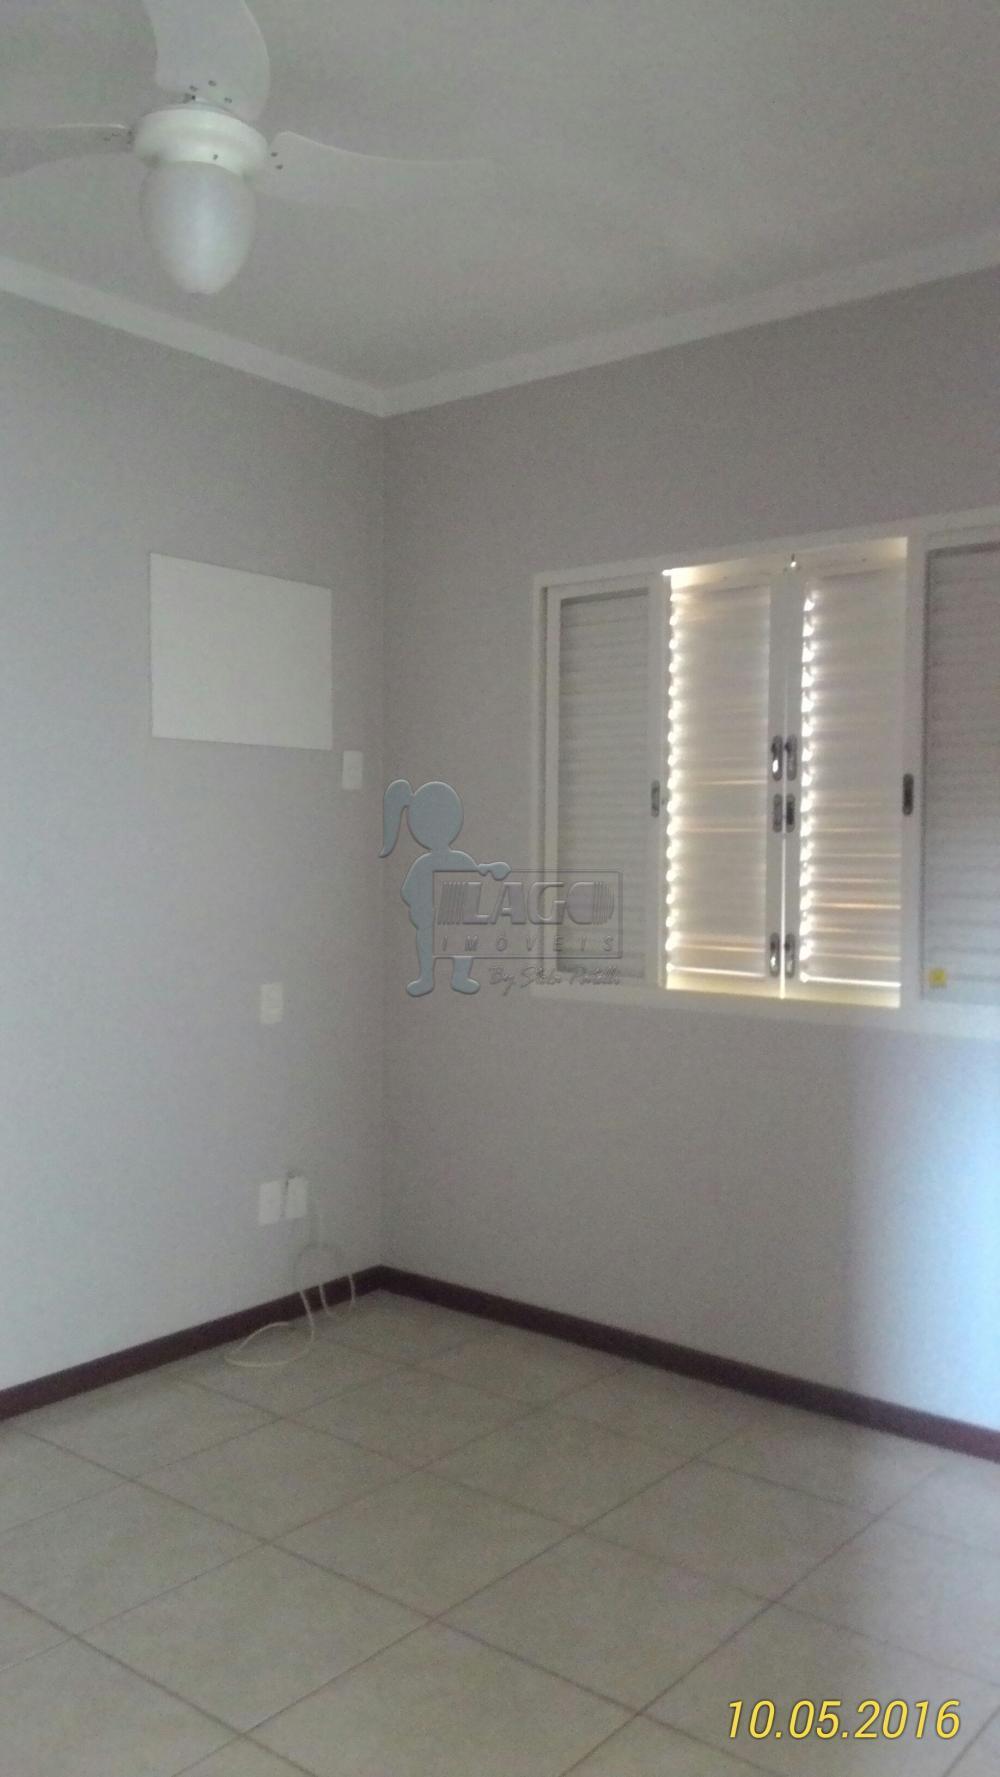 Alugar Casas / Condomínio em Bonfim Paulista apenas R$ 3.500,00 - Foto 20